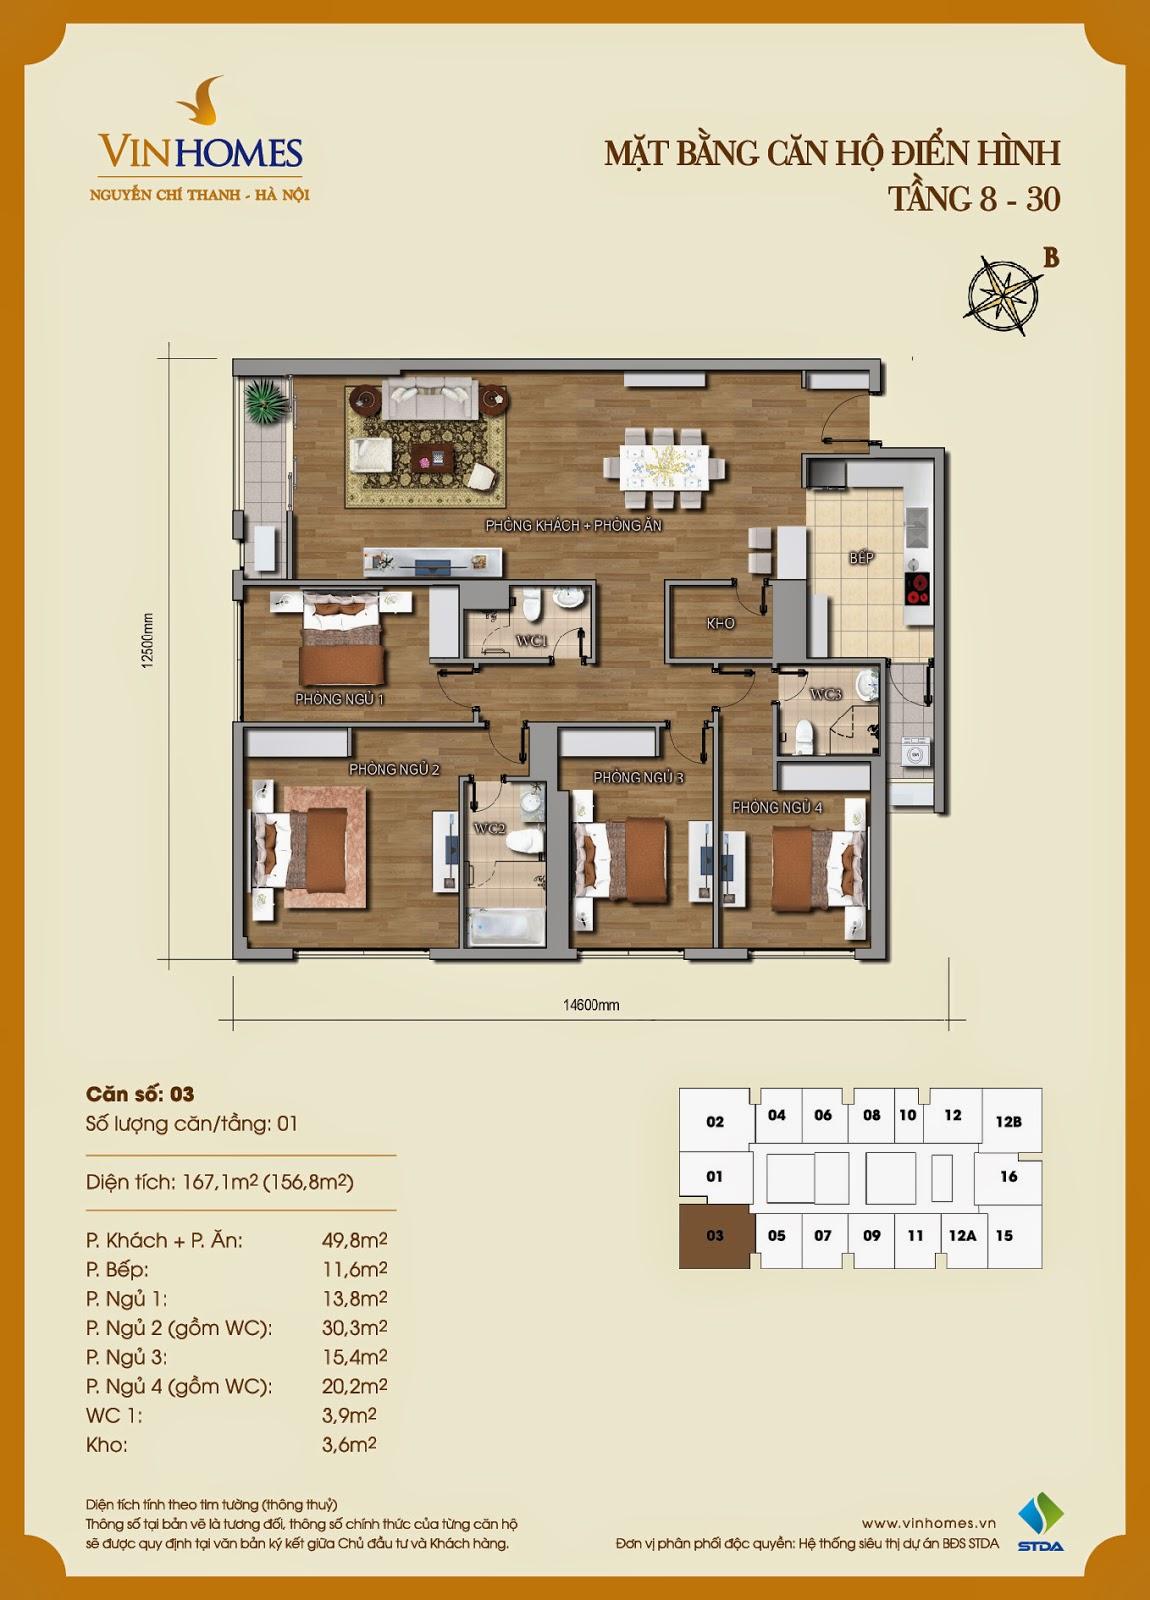 Mặt bằng chi tiết căn hộ 03 Vinhomes Nguyễn Chí Thanh